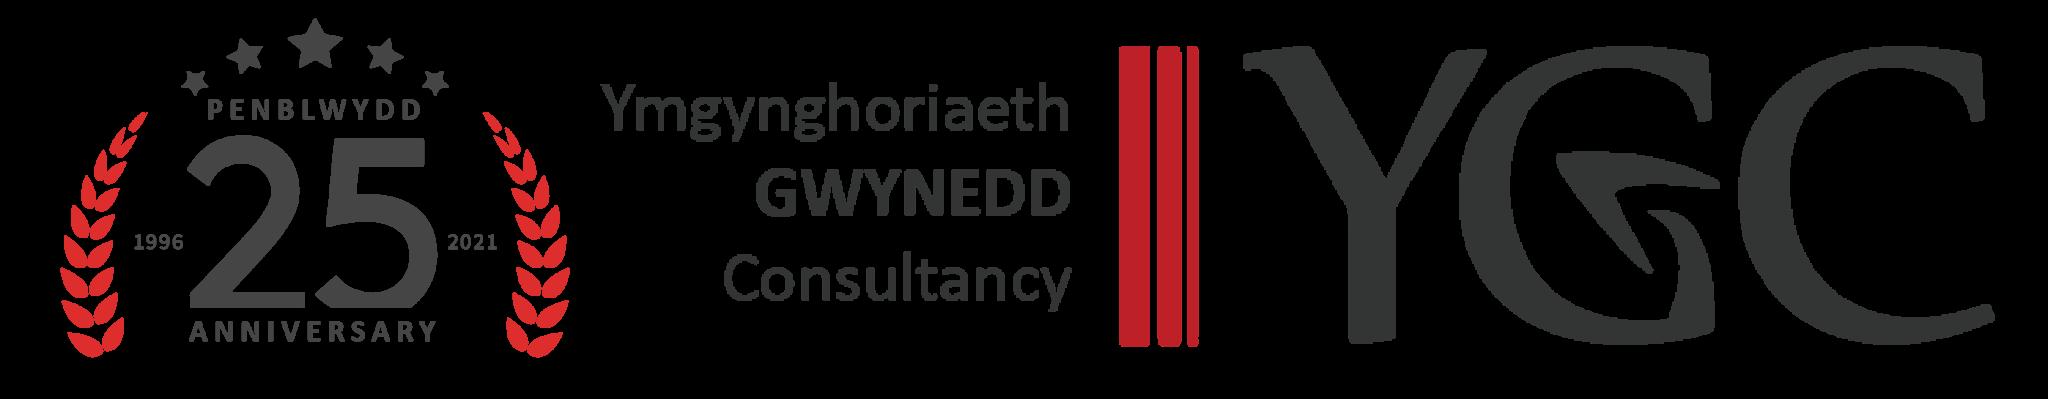 YGC - Ymgynghoriaeth Gwynedd Consultancy